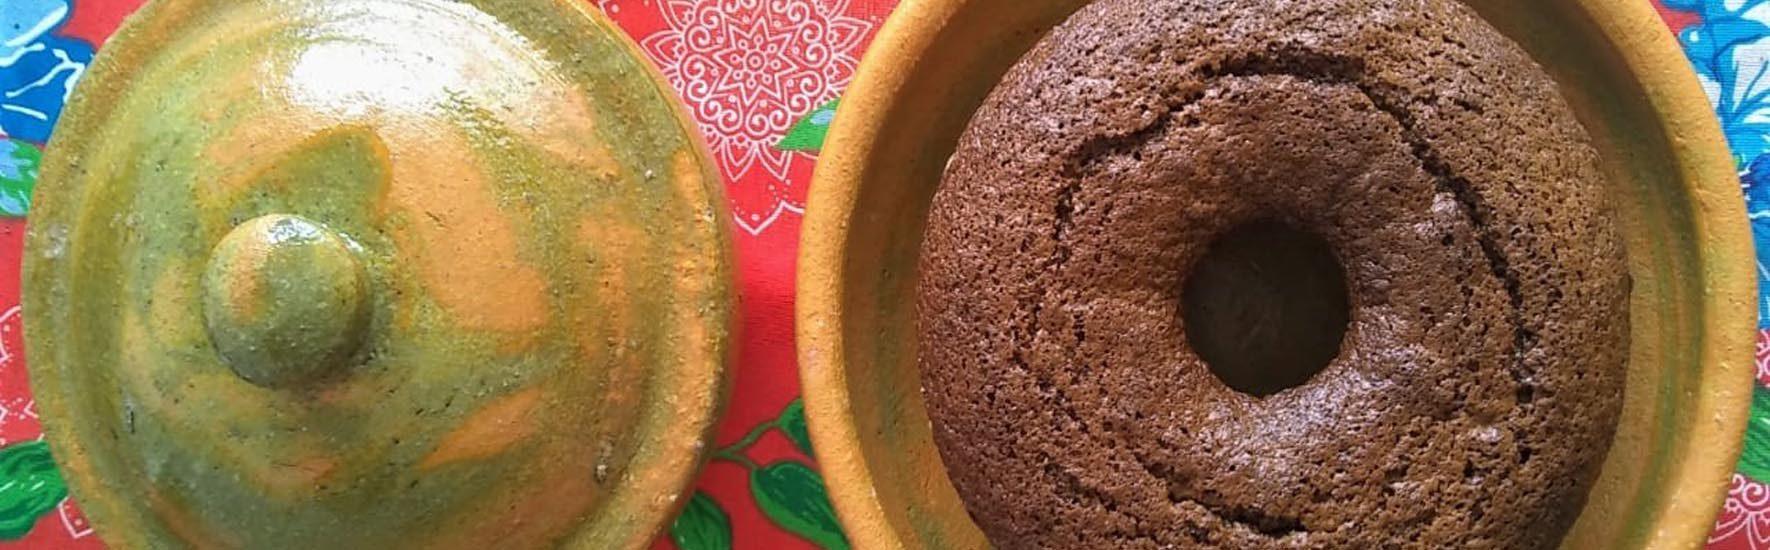 ComCafé: pães e bolos recheados de sabor, aroma e afeto